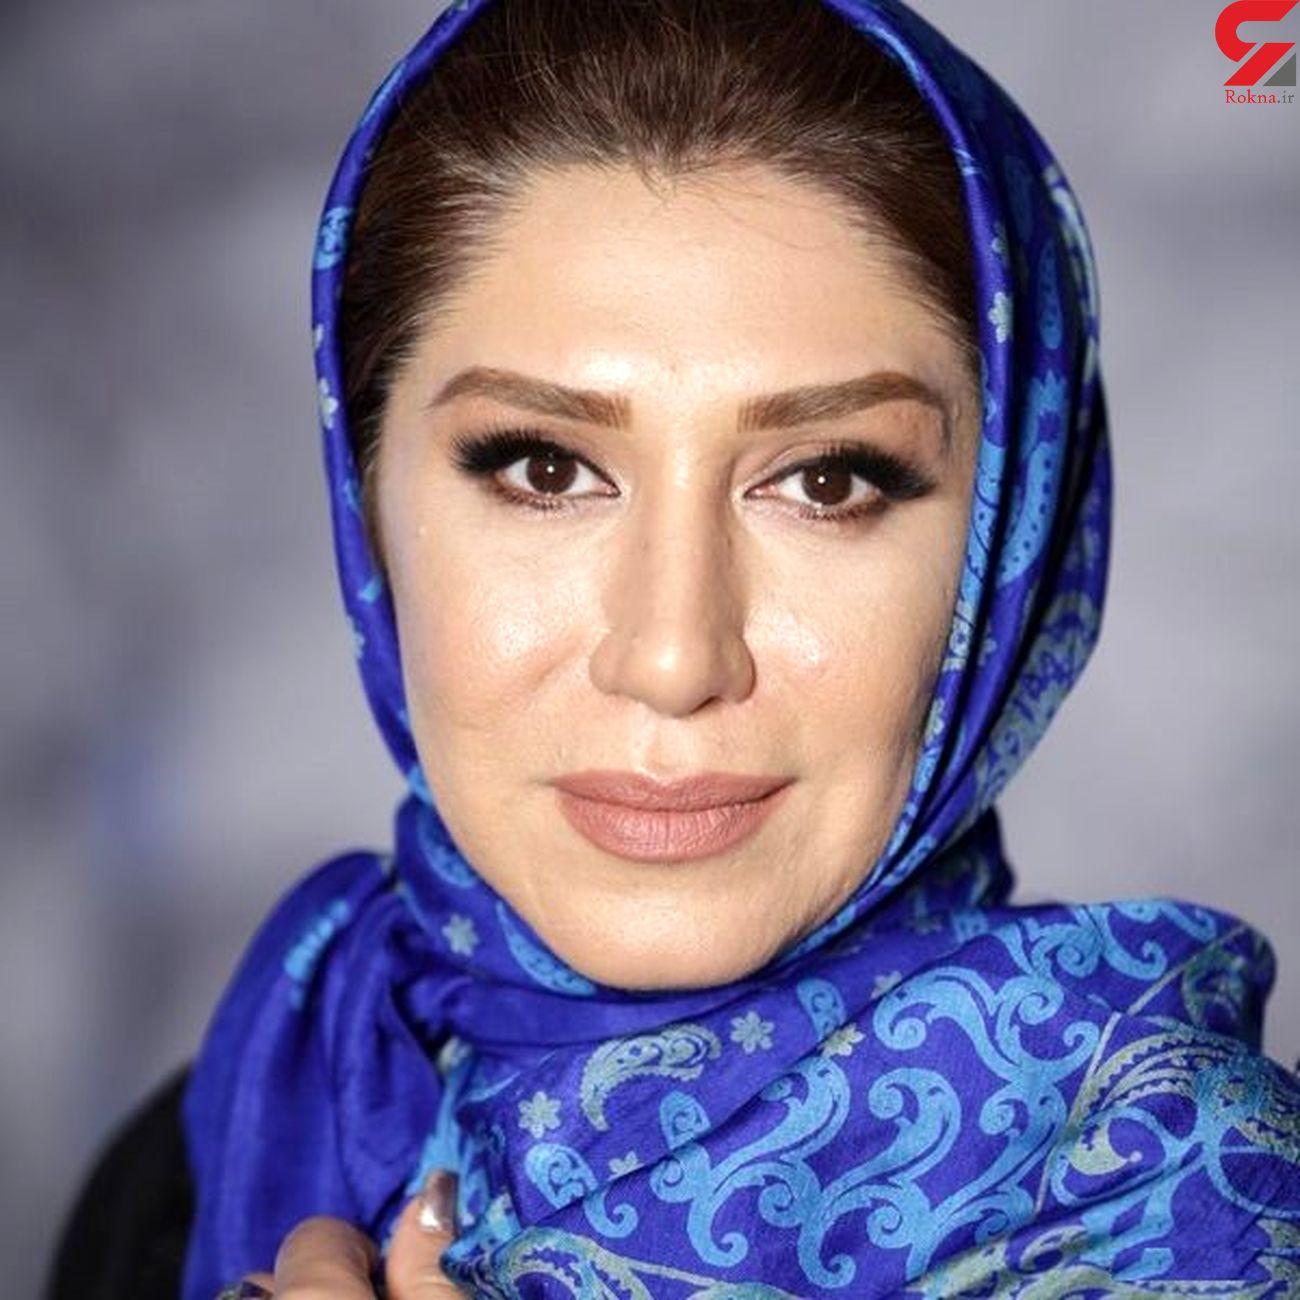 عکس های عجیب بازیگر زن ایرانی در آخرین یلدای قرن